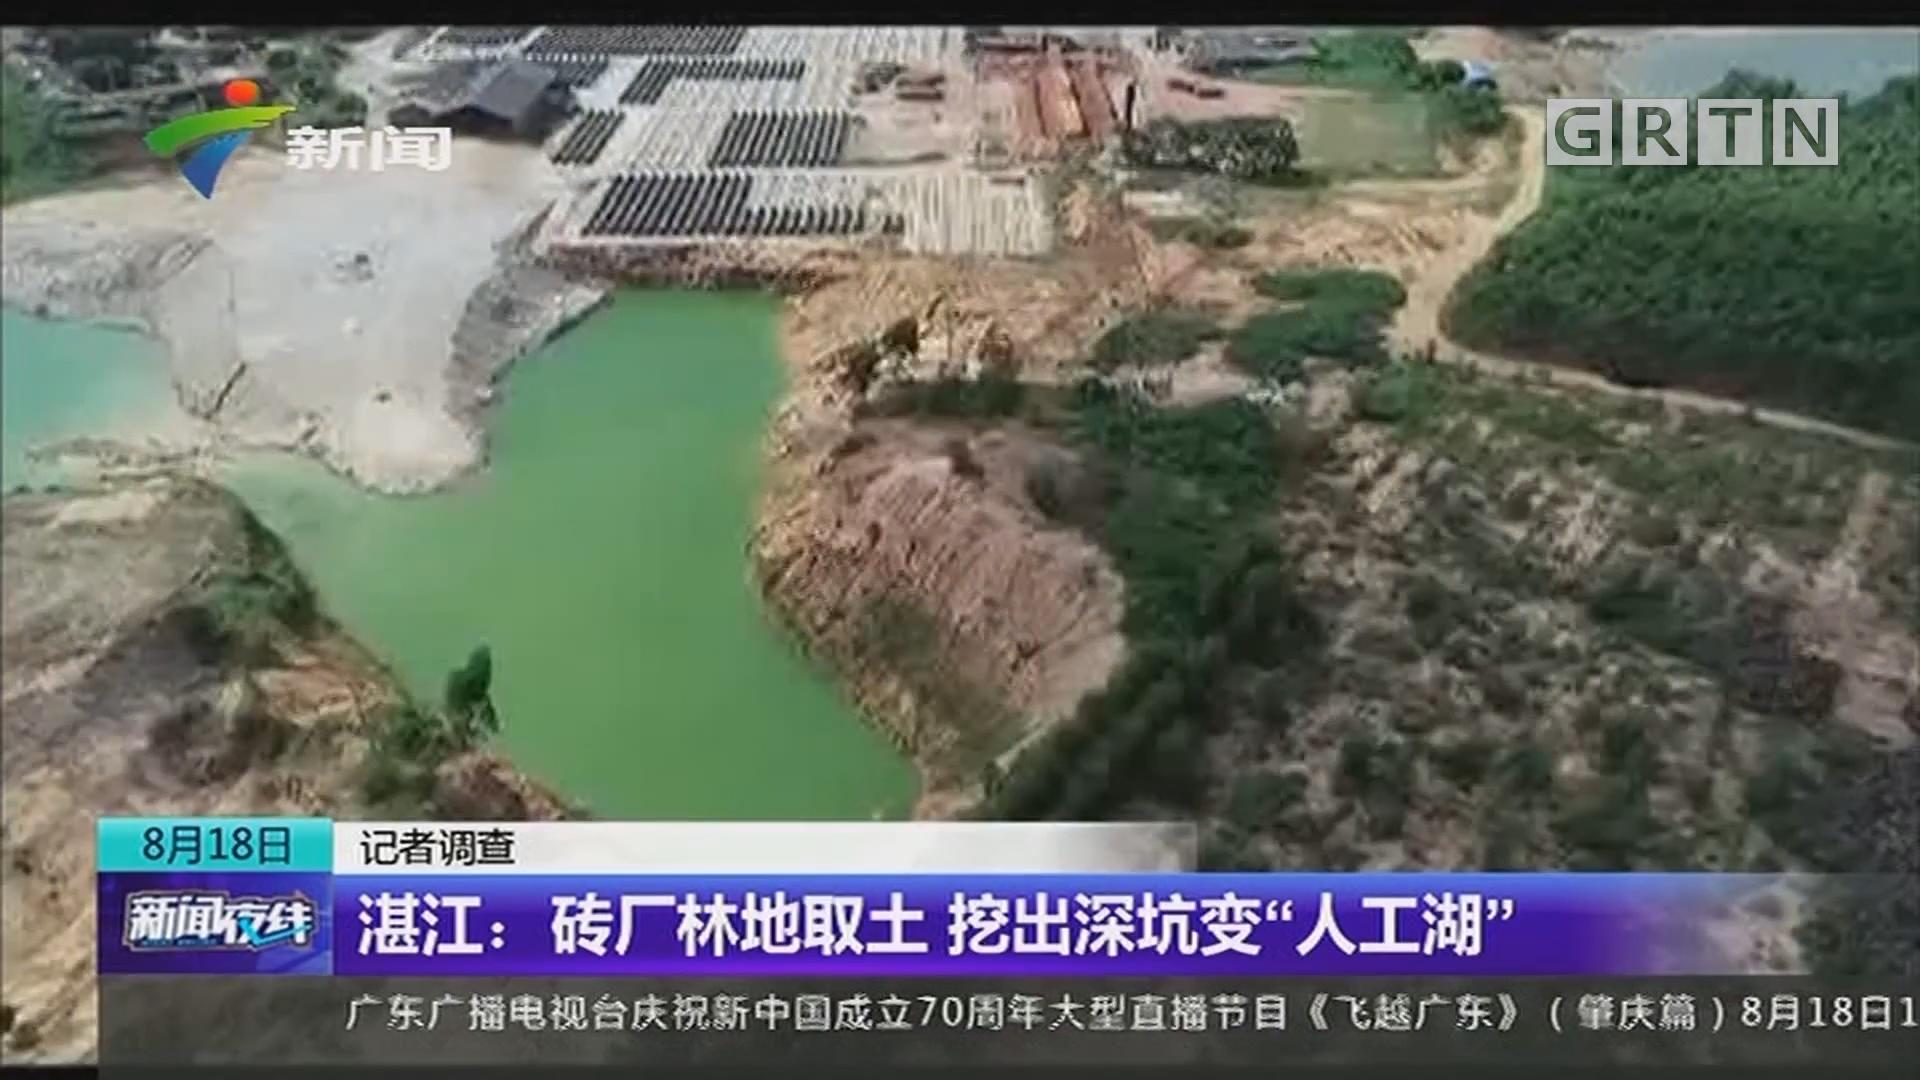 """记者调查 湛江:砖厂林地取土 挖出深坑变""""人工湖"""""""